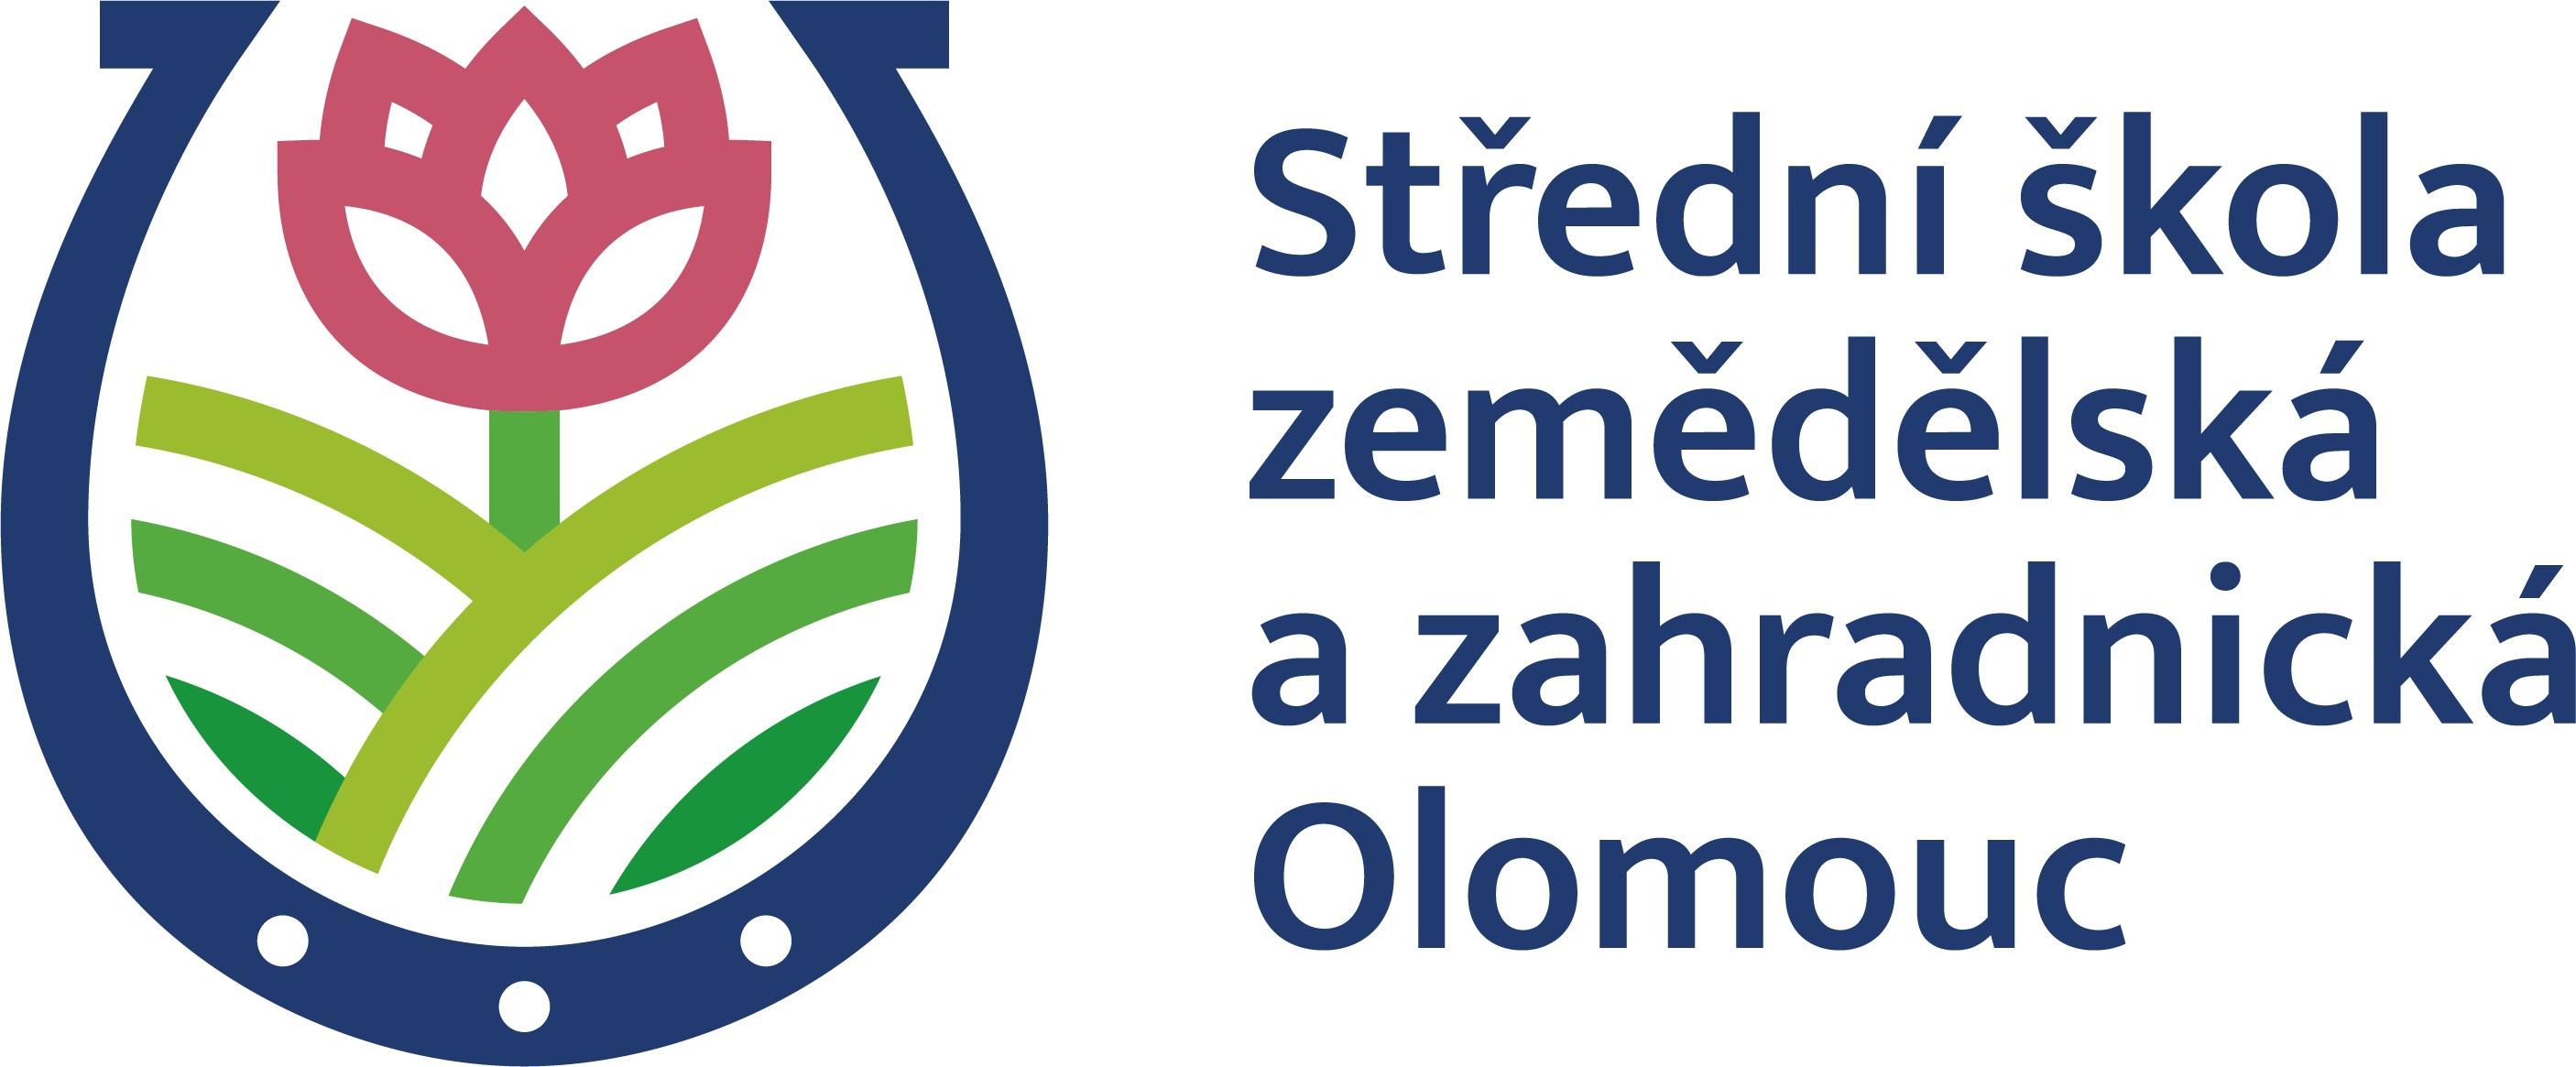 Logo Střední škola zemědělská a zahradnická, Olomouc